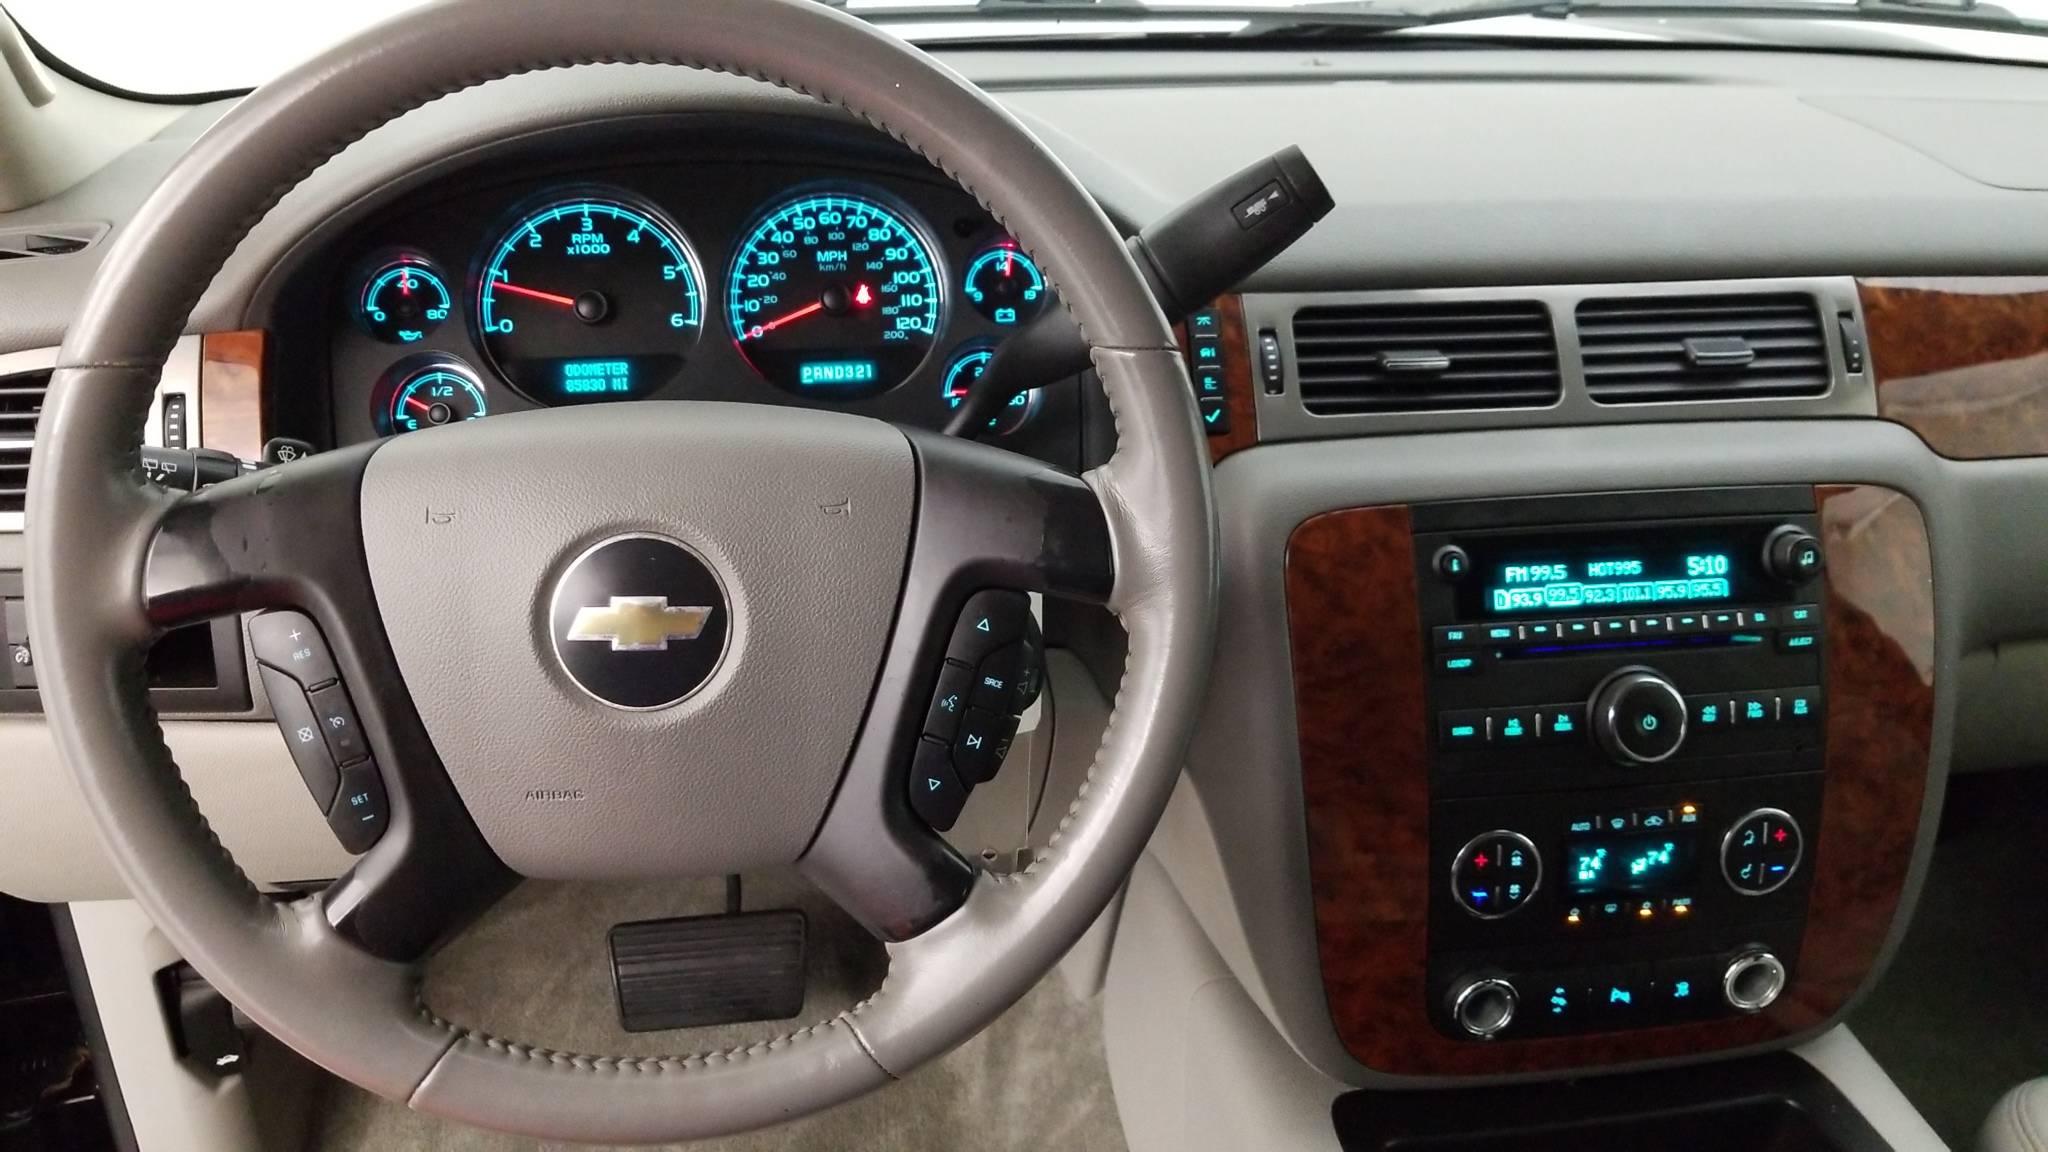 Pre-Owned 2008 Chevrolet Tahoe LT w/2LT